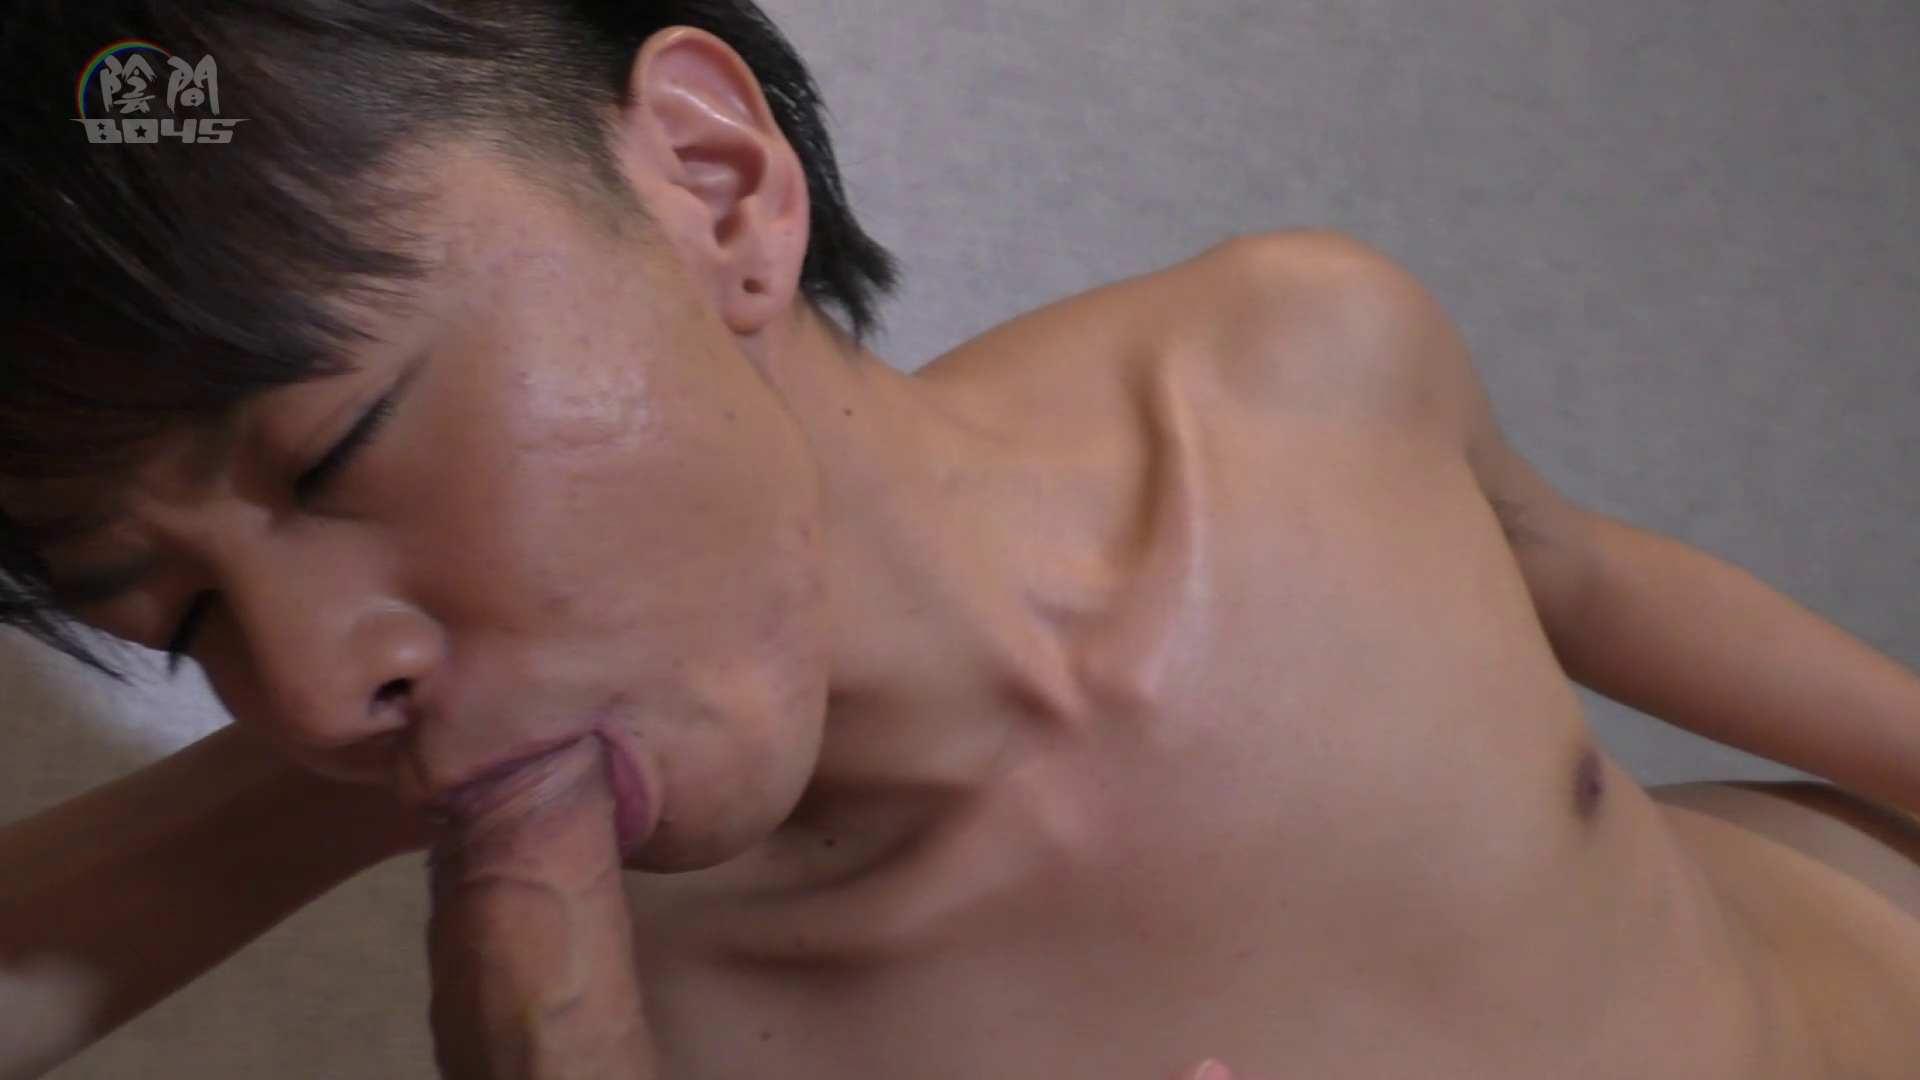 キャバクラの仕事はアナルから6  ~アナルの囁き~Vol.01 ★★★シリーズ ゲイモロ画像 75pic 40